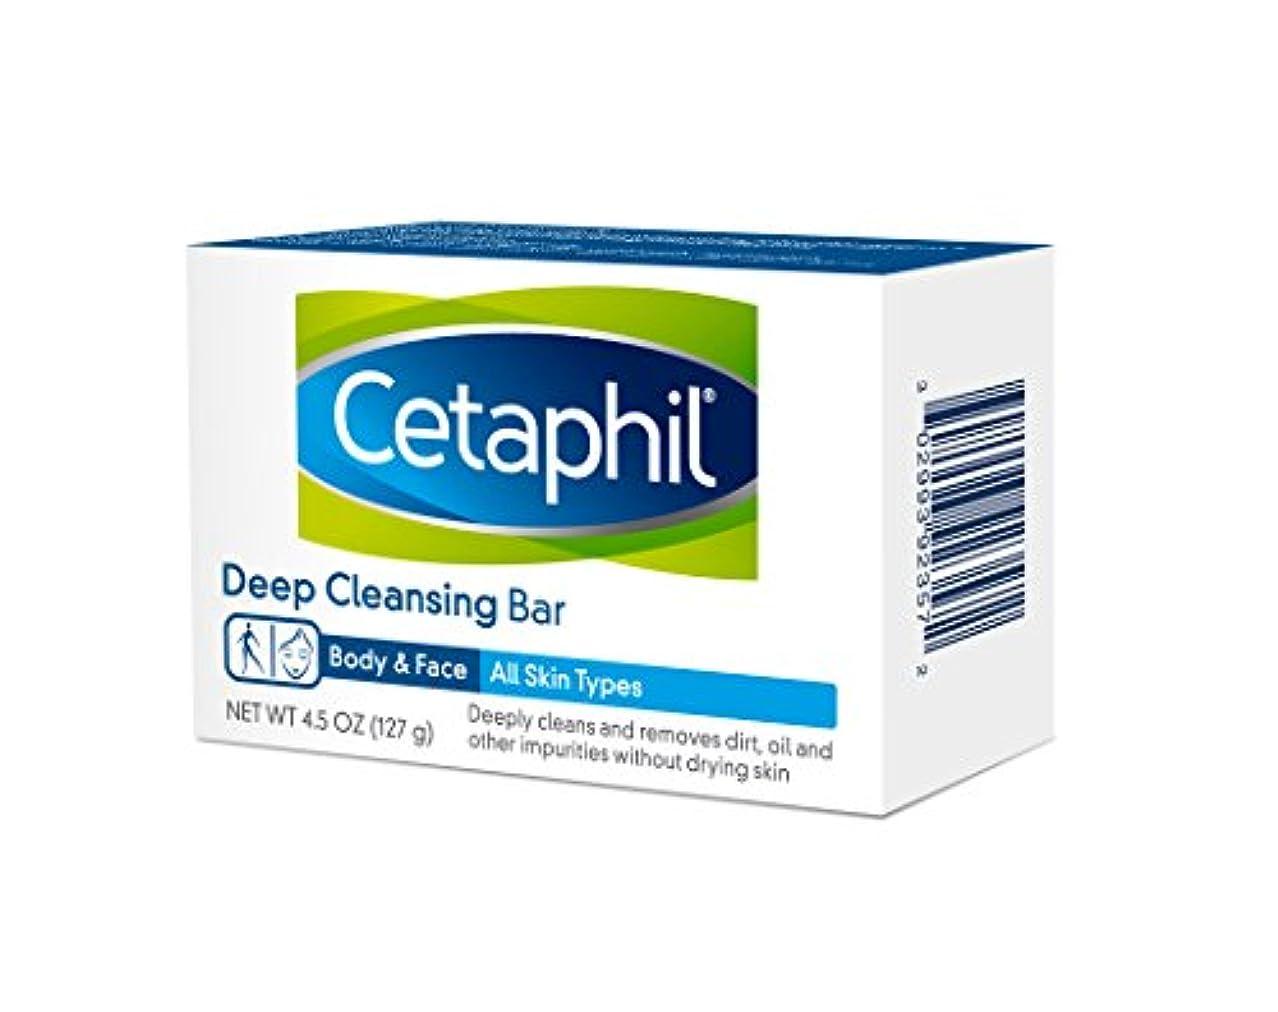 有毒社会中性Cetaphil Deep Cleansing Face Body Bar for All Skin Types 127g×6個セット 並行輸入品